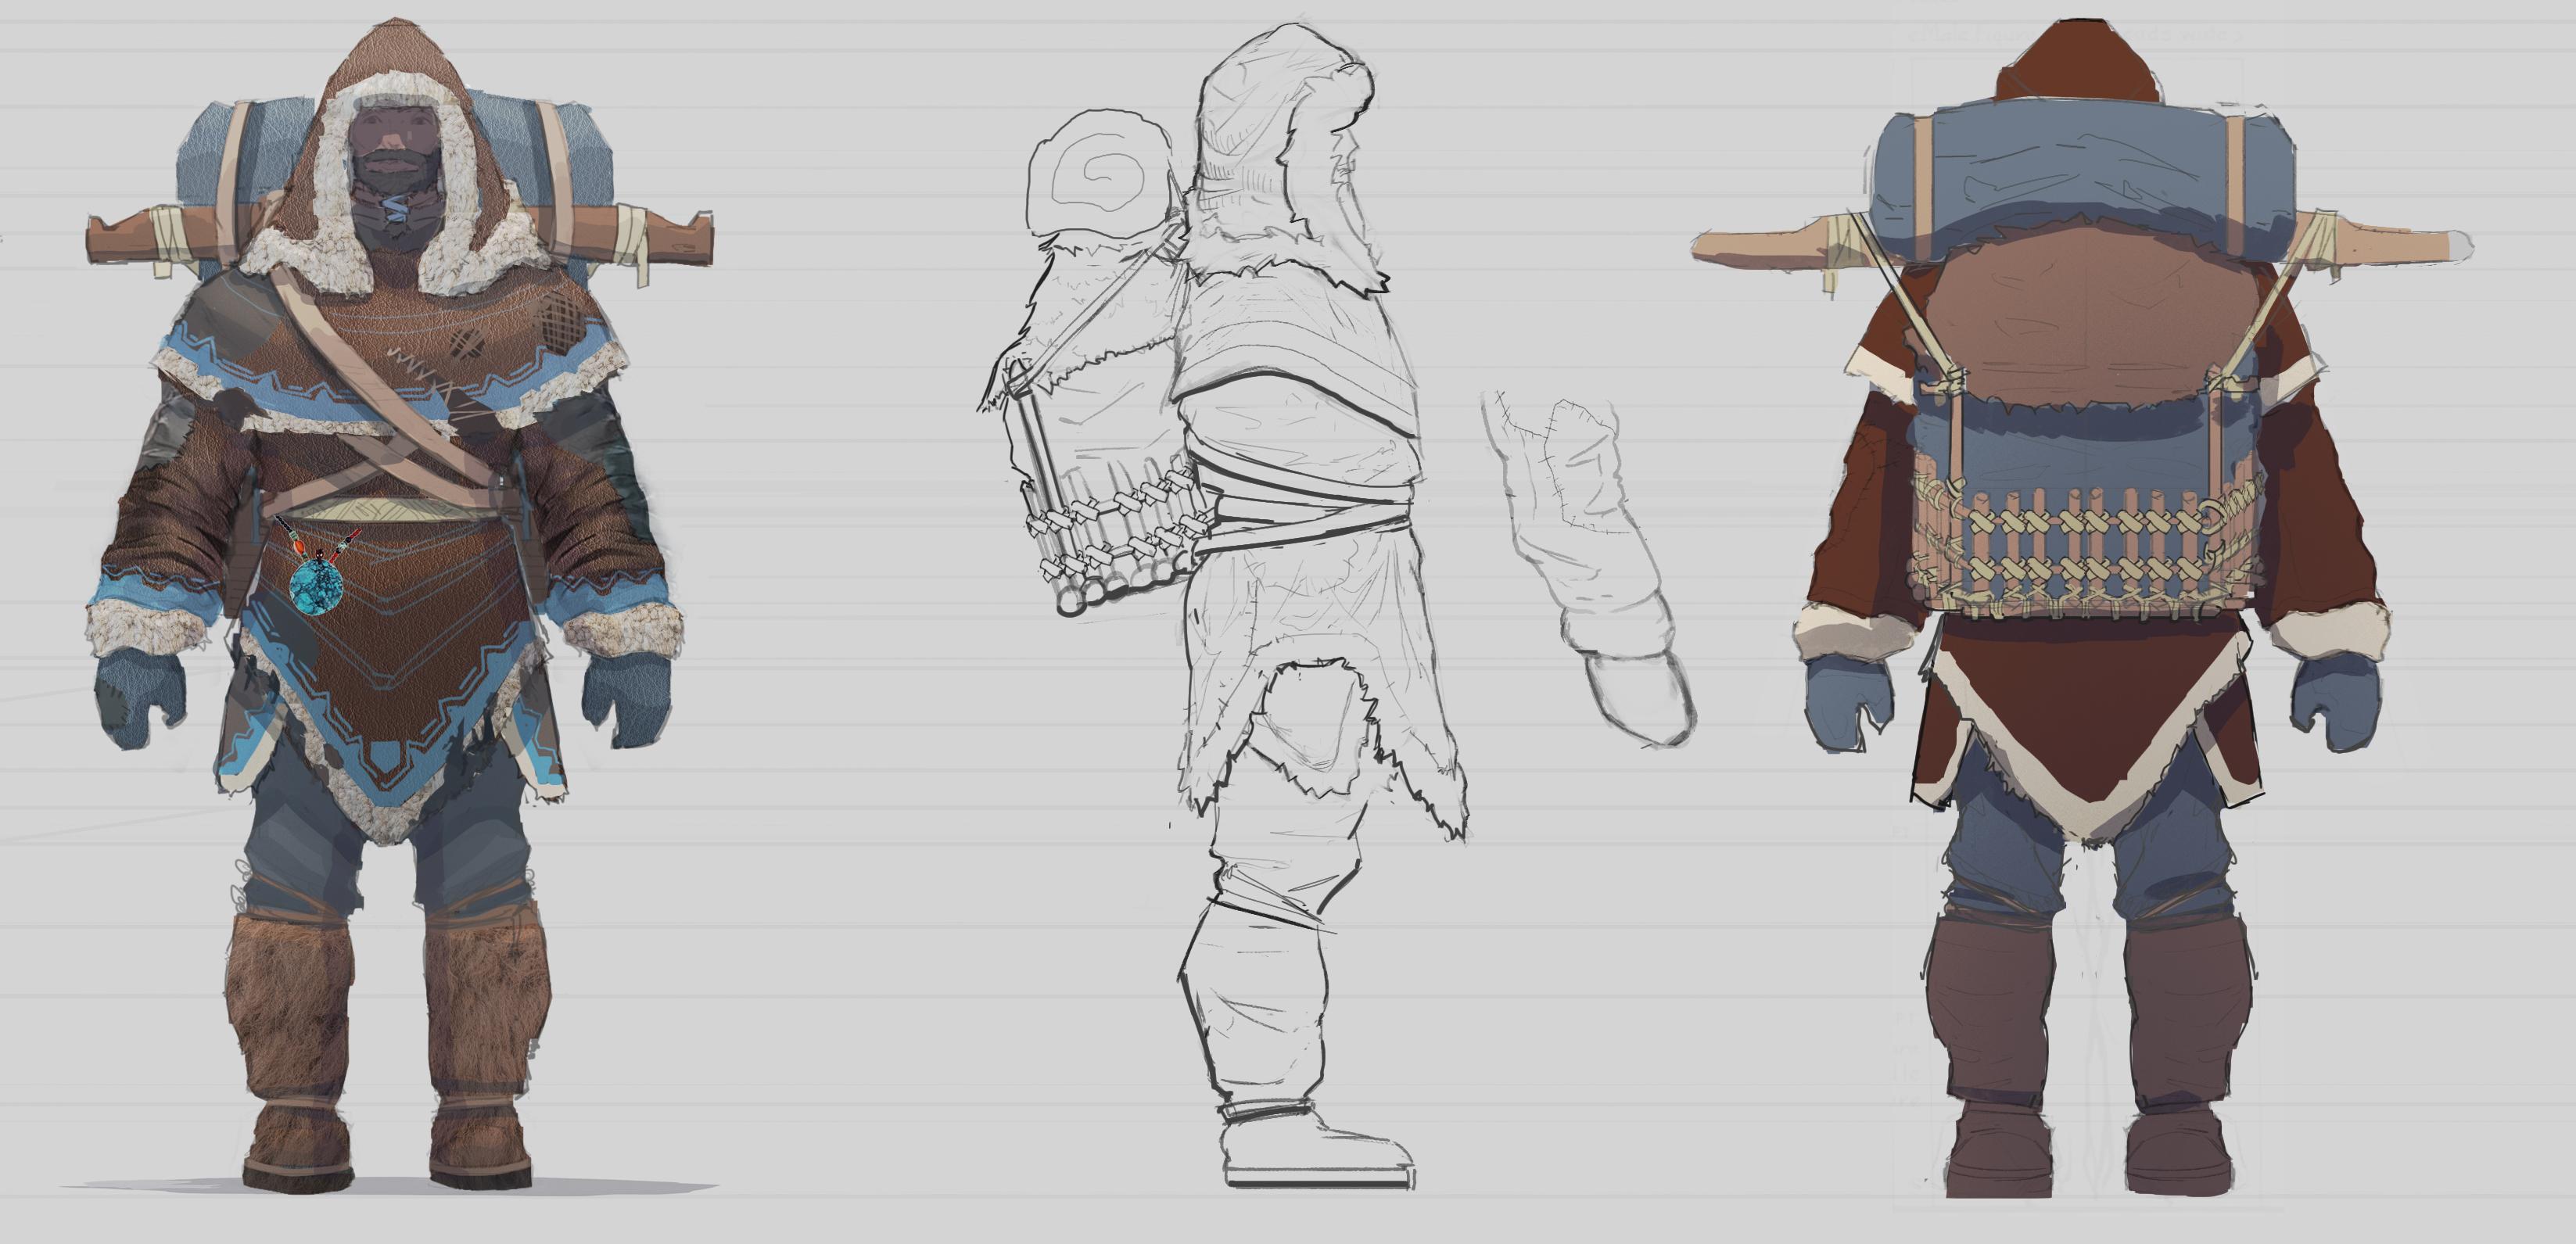 turnaround villager 1 rendering